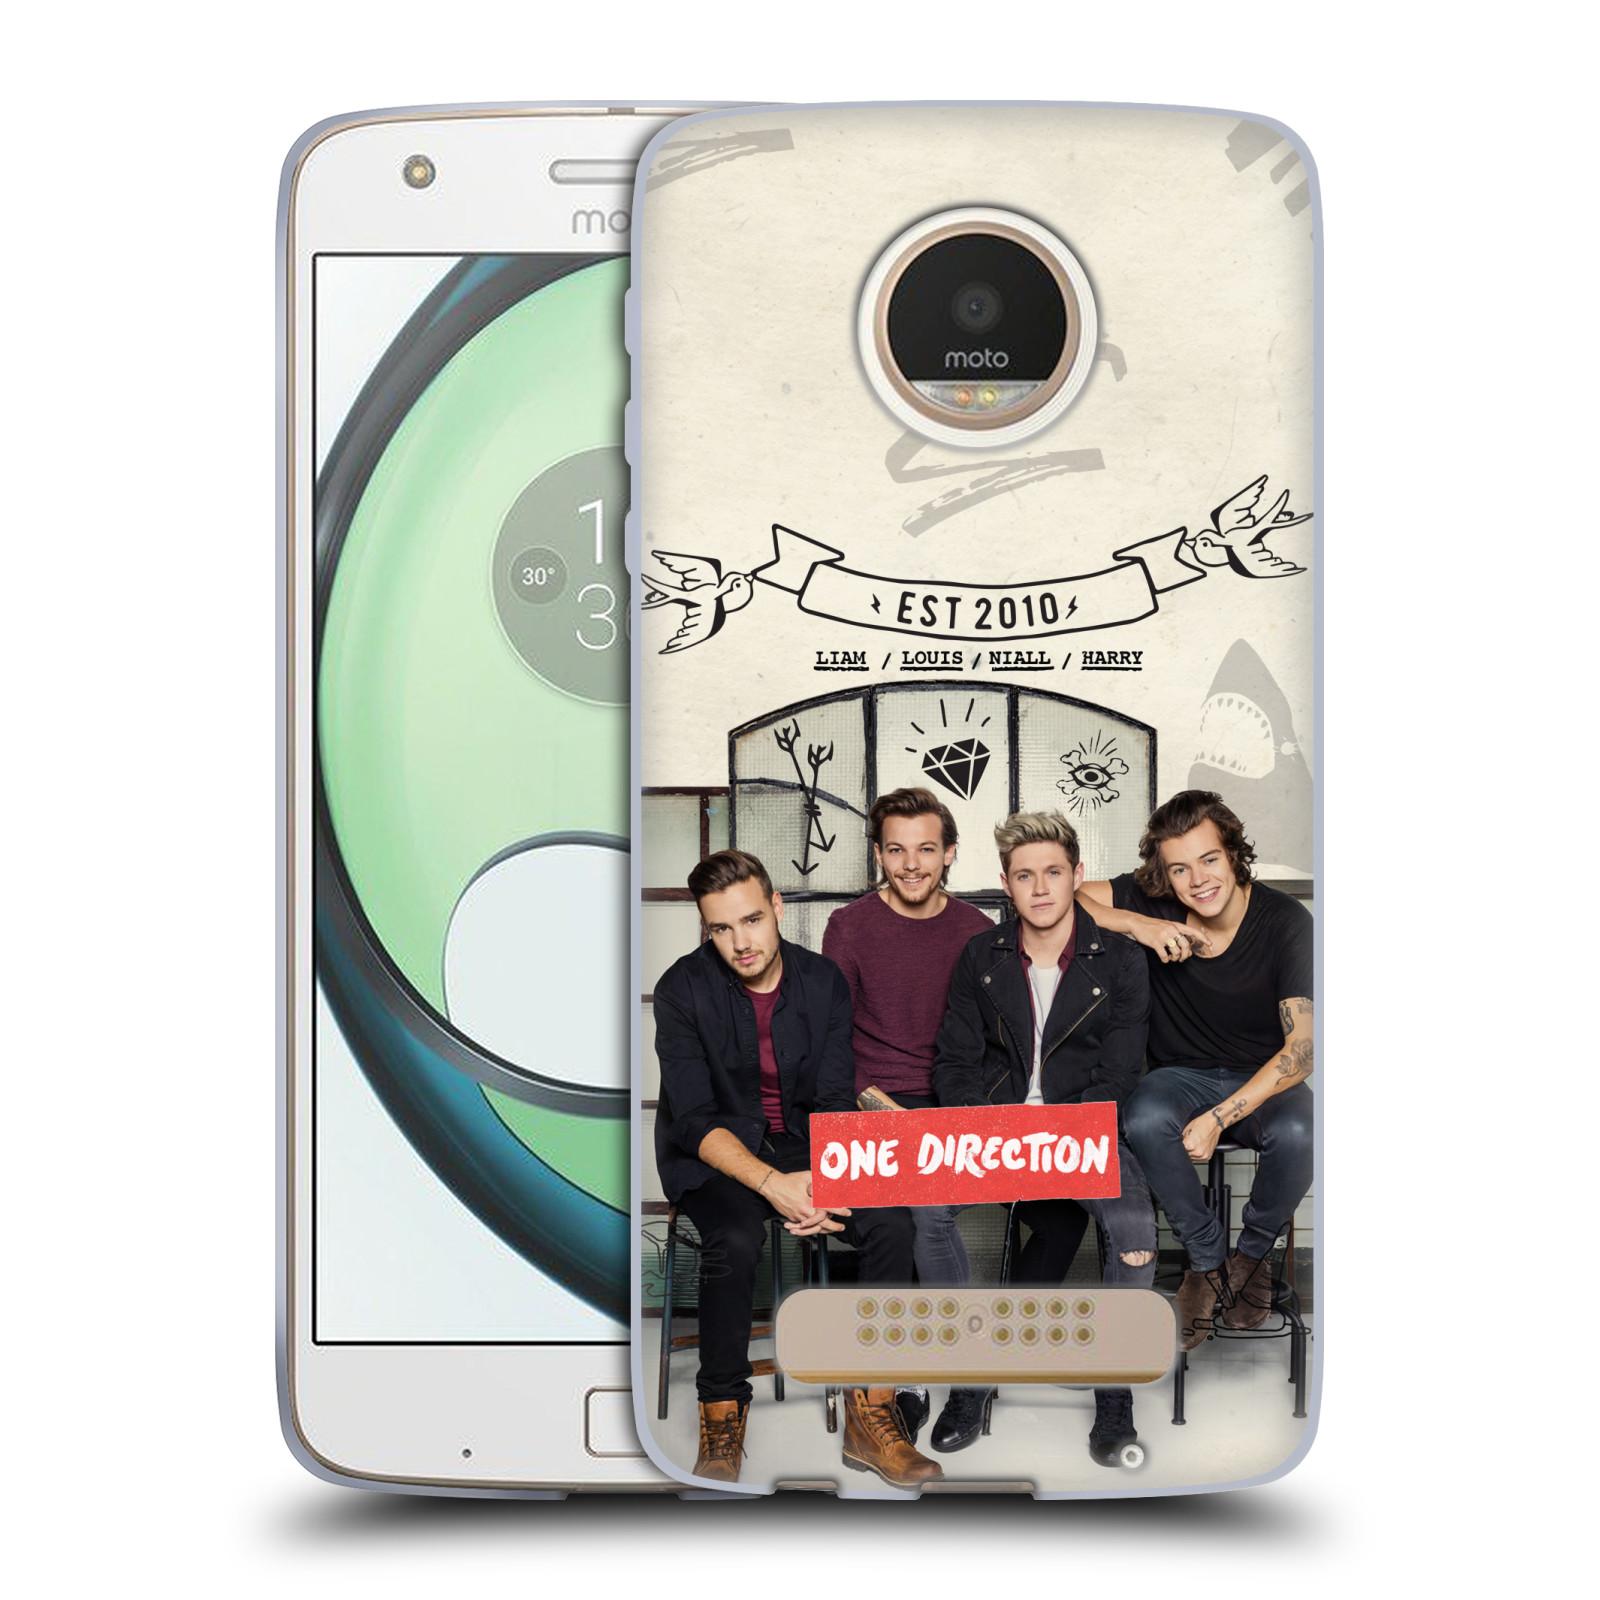 Silikonové pouzdro na mobil Lenovo Moto Z Play HEAD CASE One Direction - EST 2010 (Silikonový kryt či obal One Direction Official na mobilní telefon Lenovo Moto Z Play)